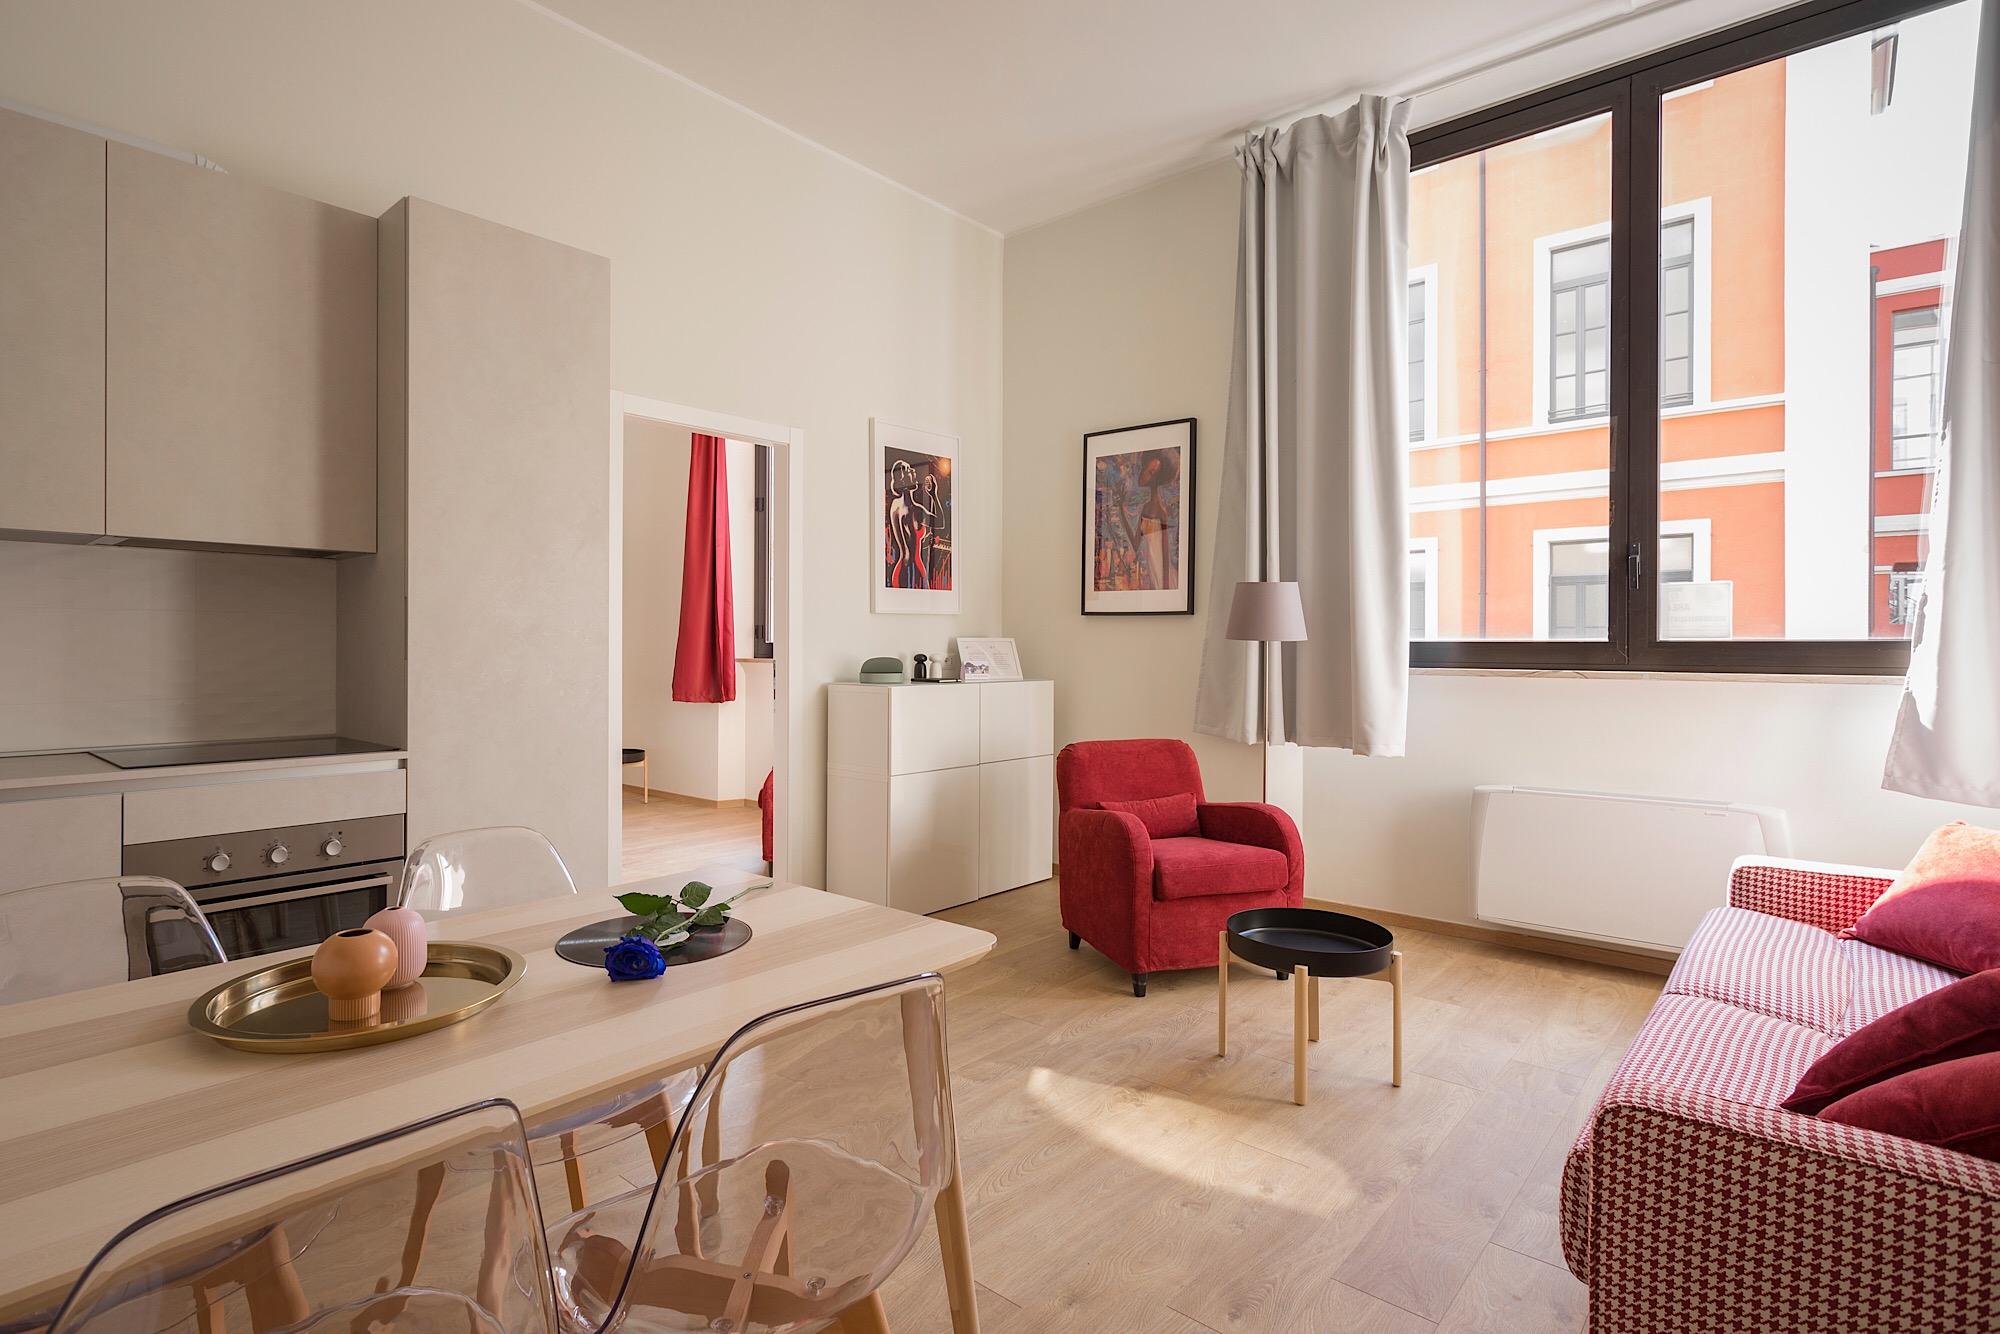 Wohnraum zukunftsorientiert gestalten